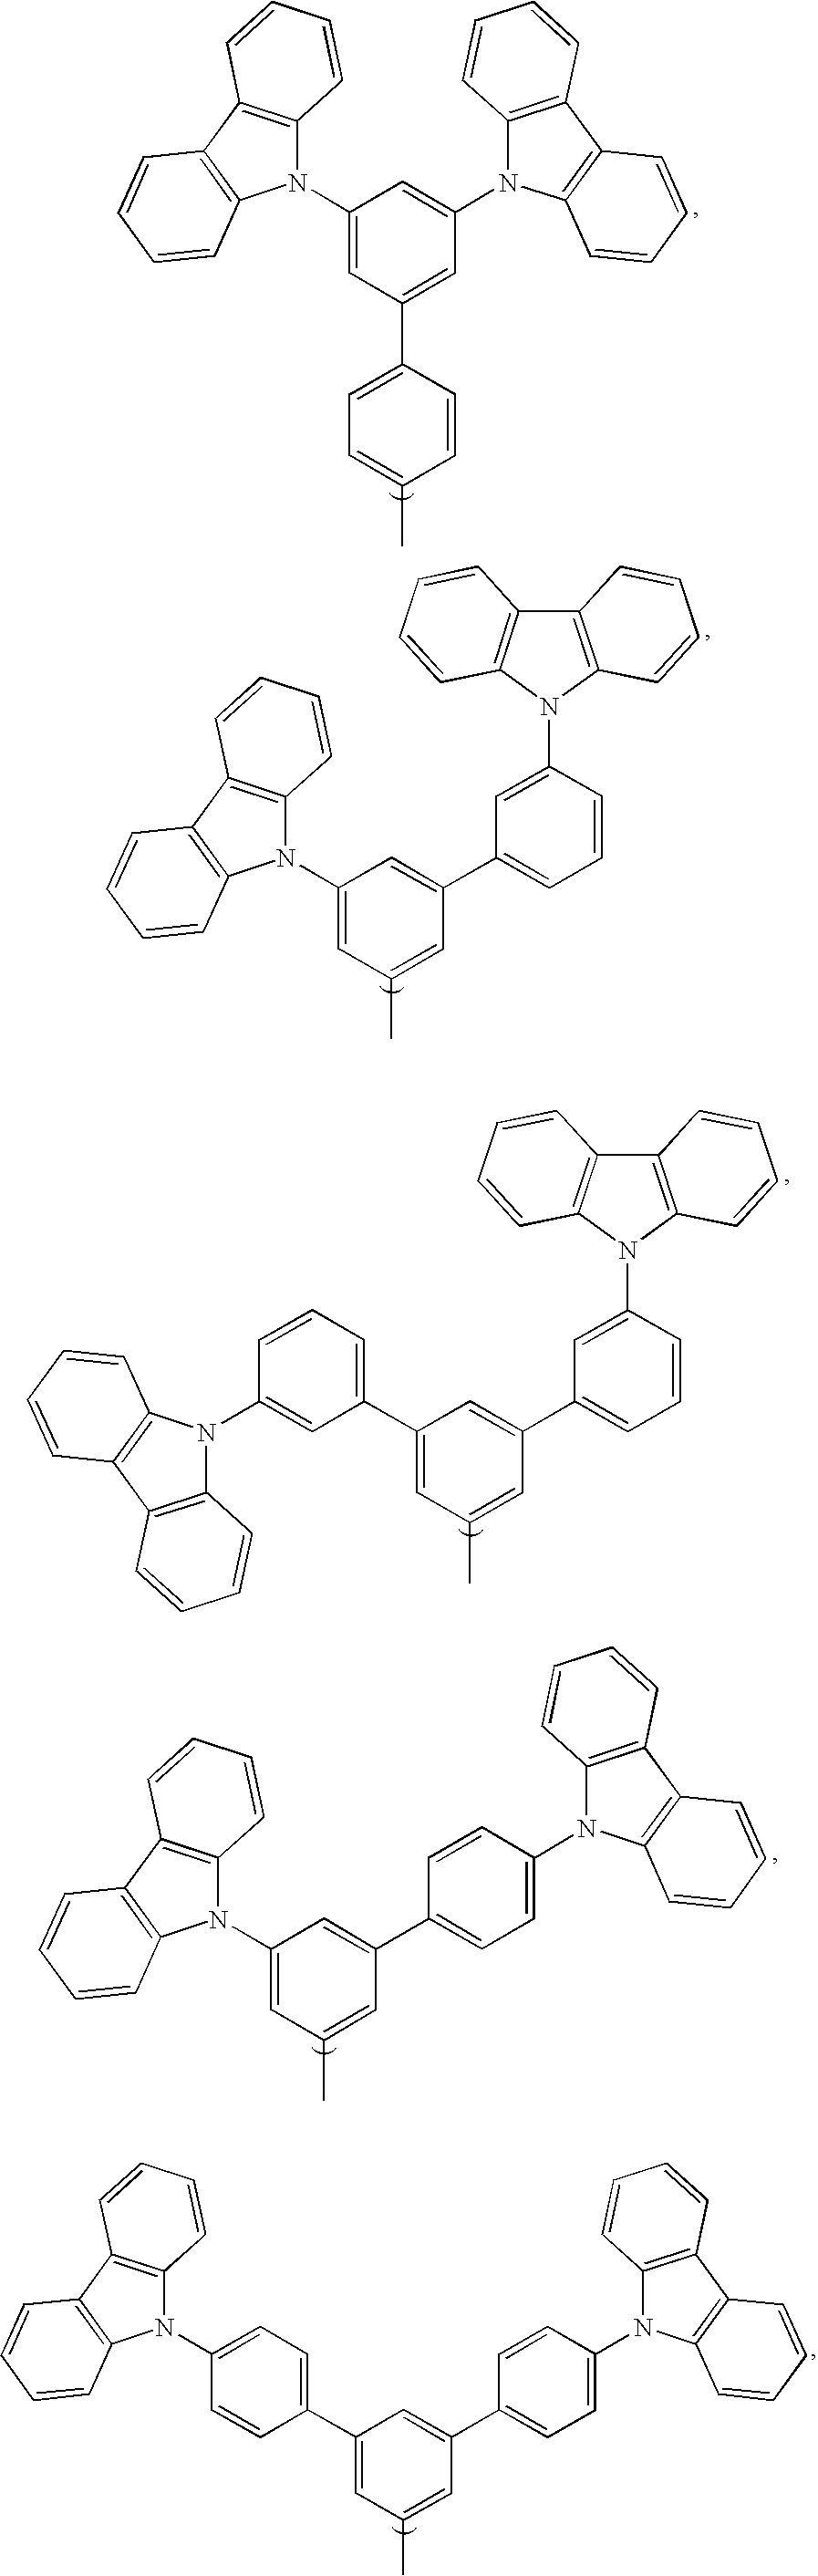 Figure US20080280163A1-20081113-C00004